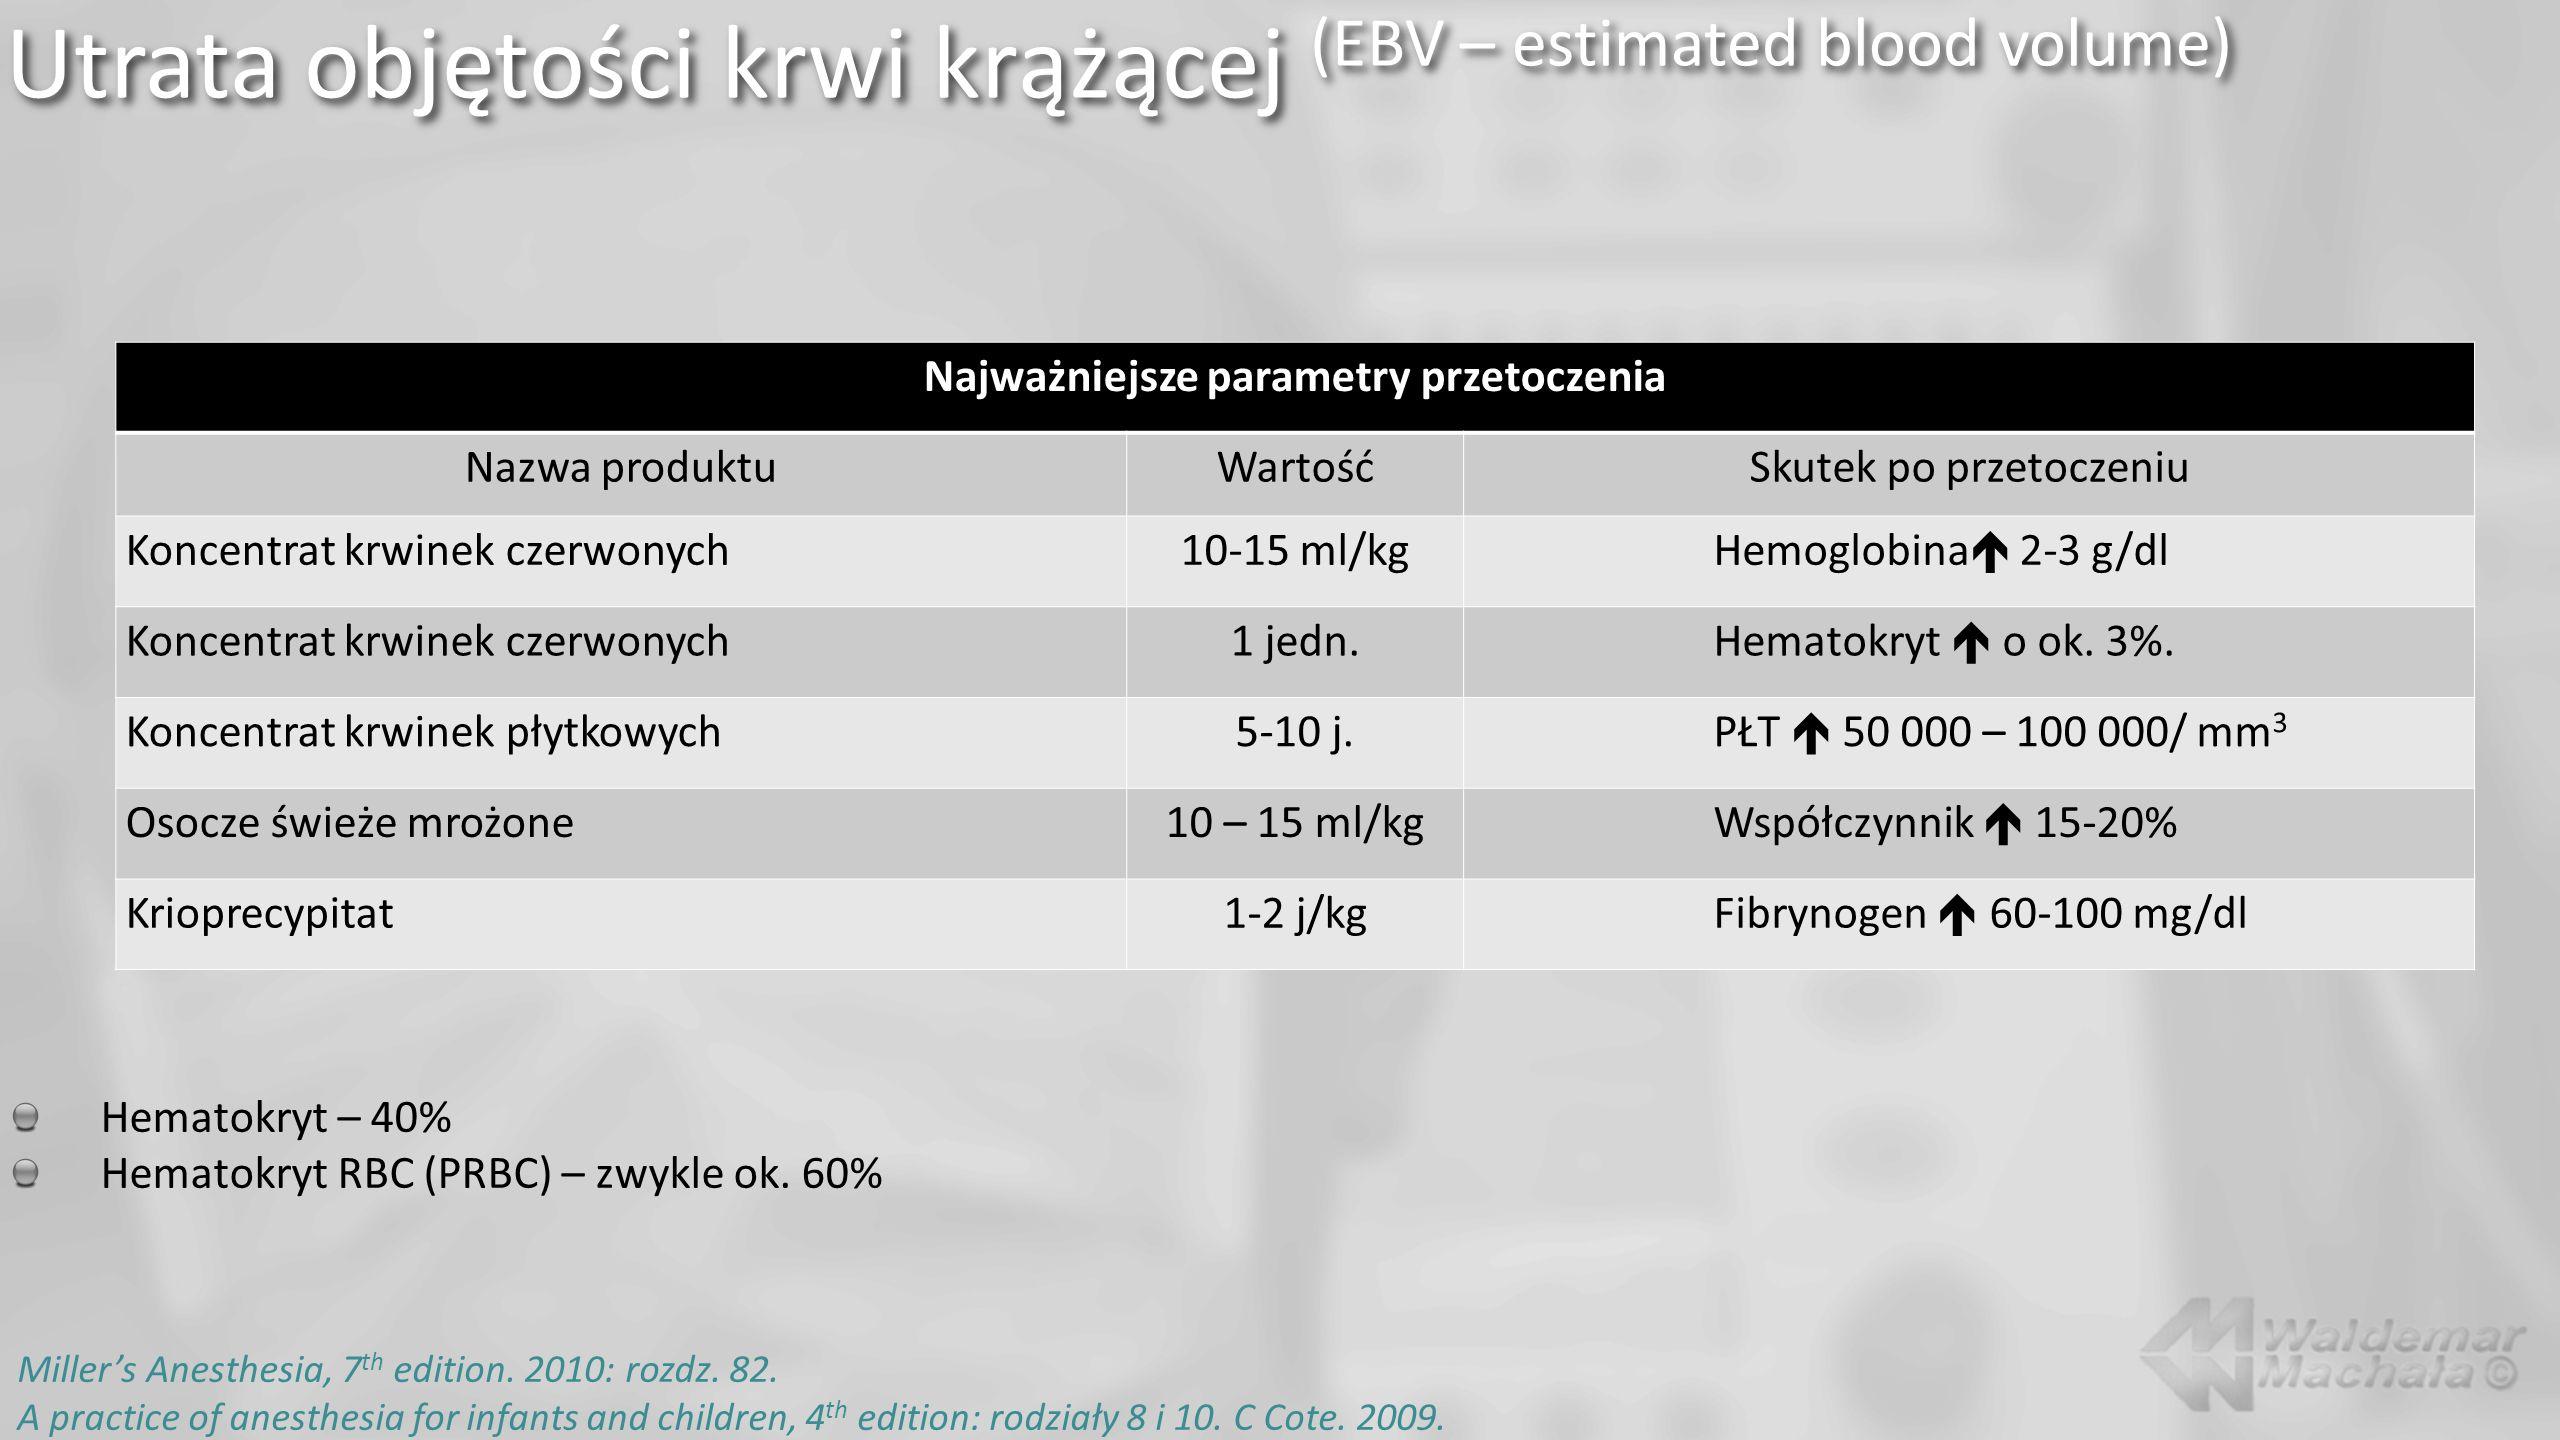 Utrata objętości krwi krążącej (EBV – estimated blood volume) Hematokryt – 40% Hematokryt RBC (PRBC) – zwykle ok. 60% Najważniejsze parametry przetocz